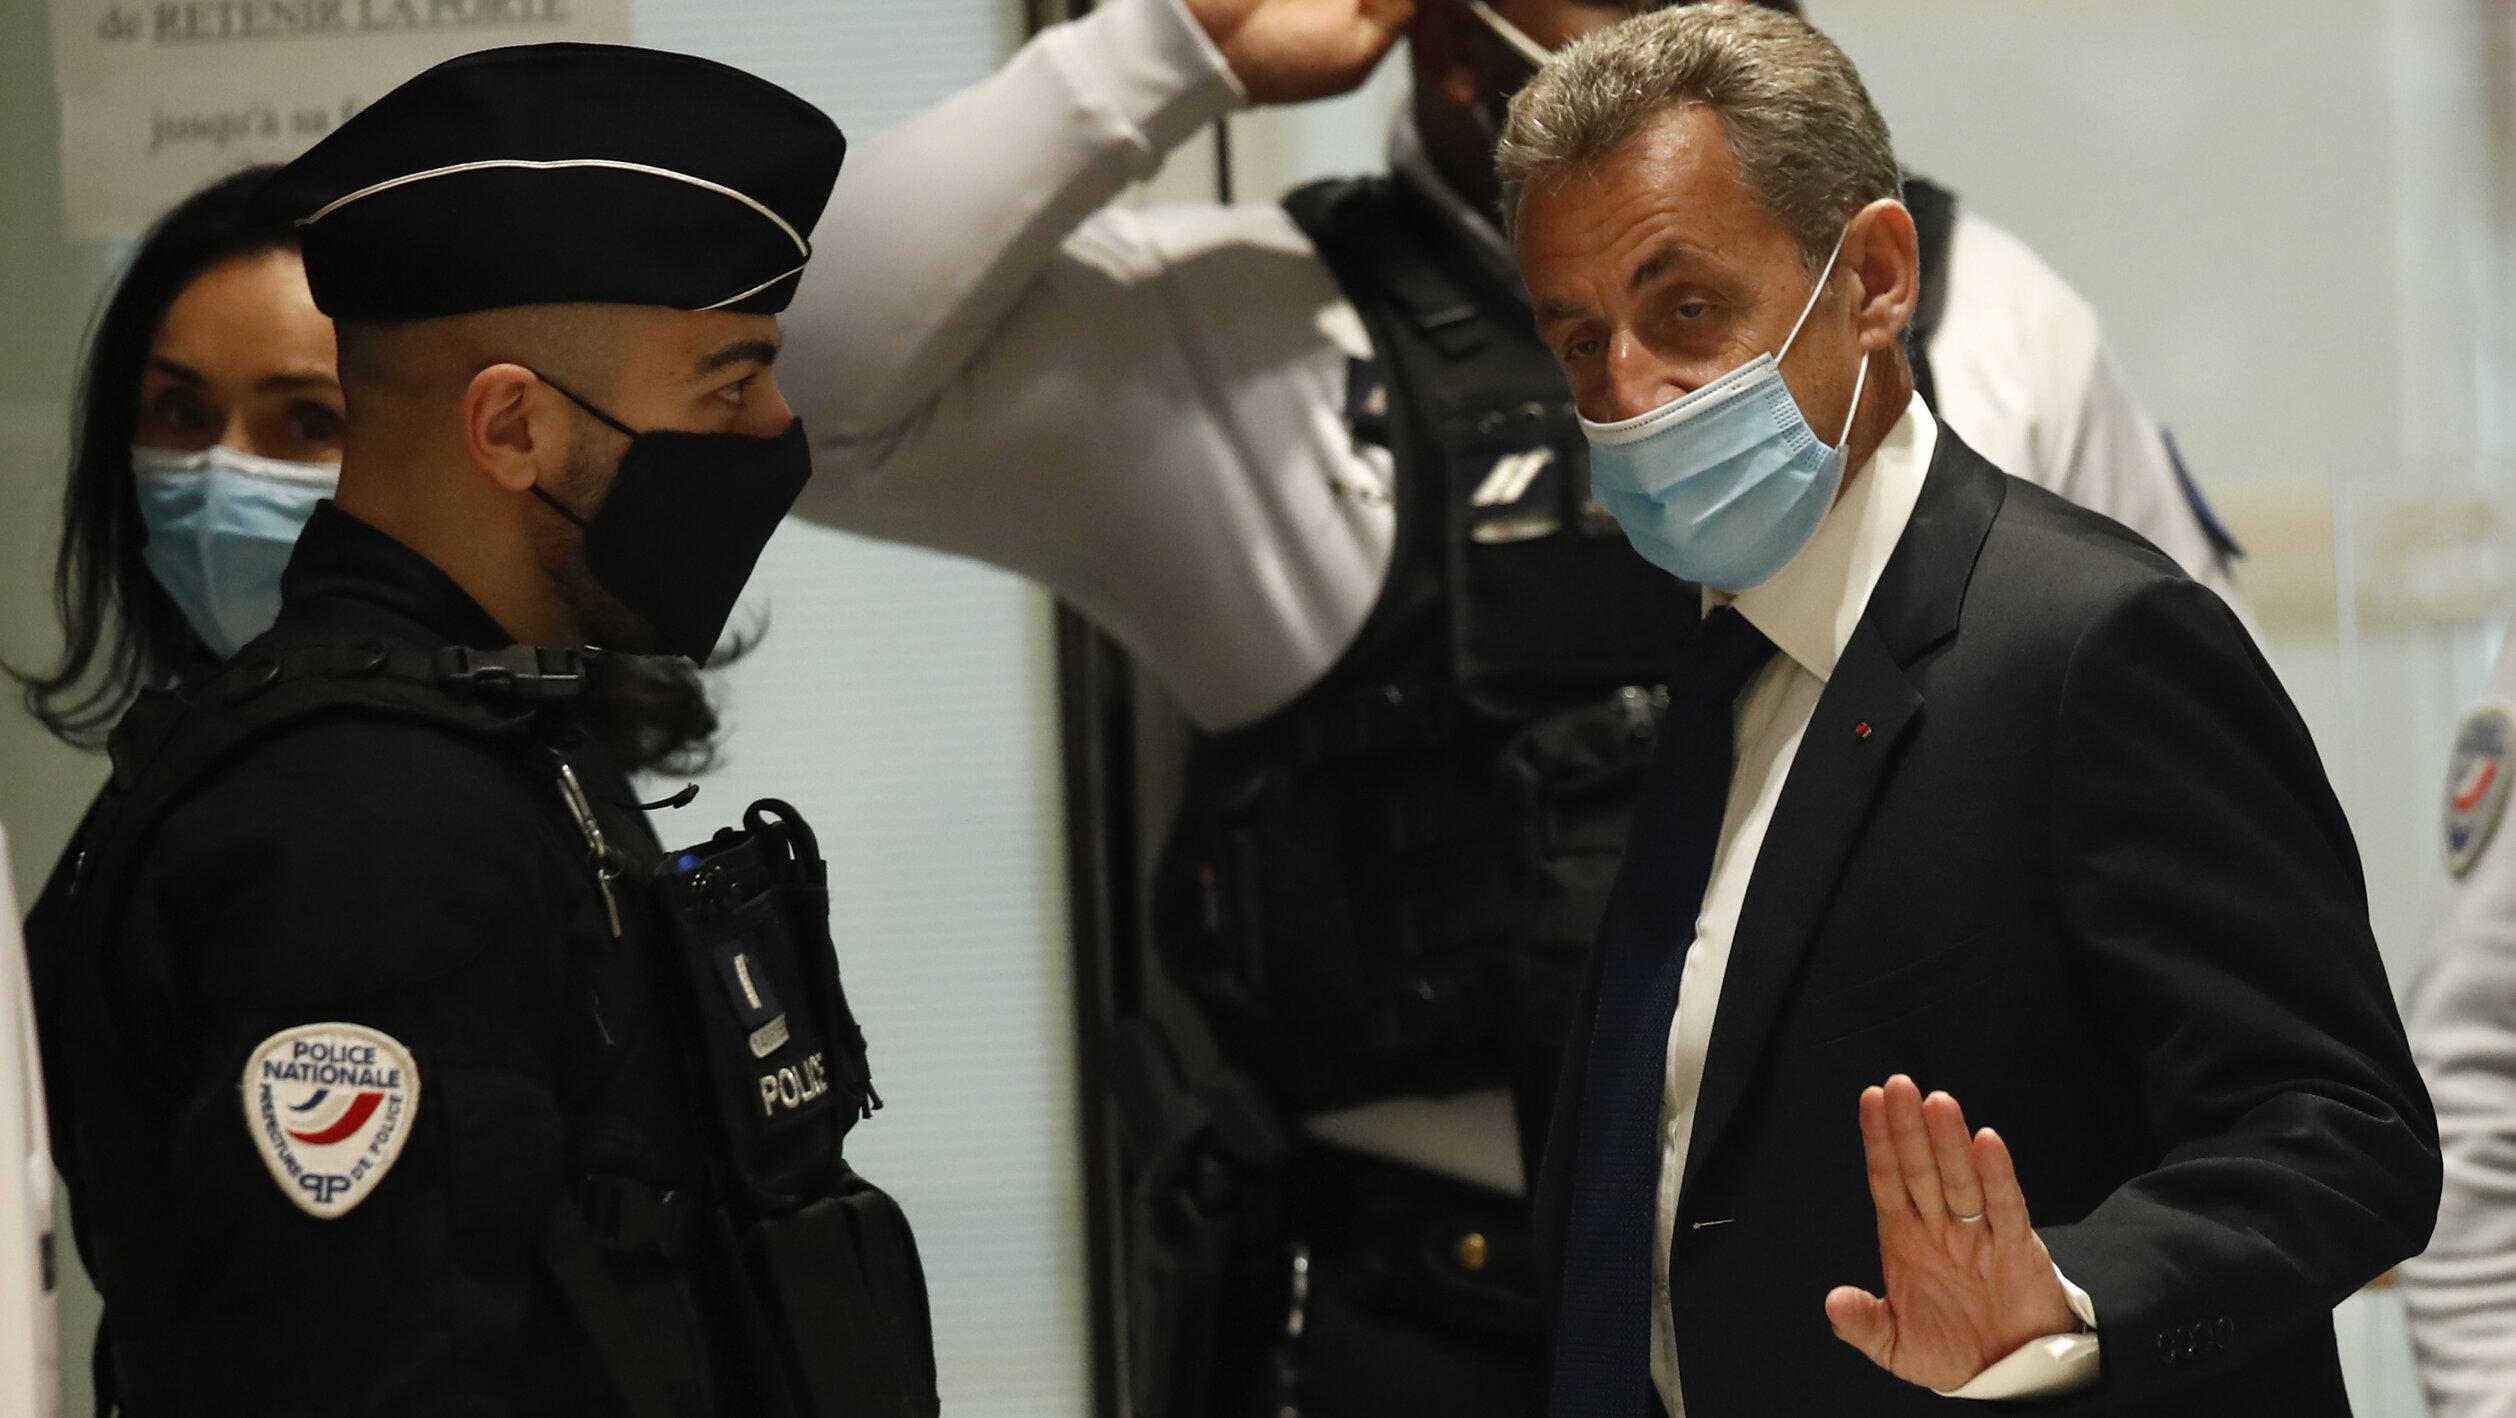 """Nicolas Sarkozy a denunțat o petrecere ilegală, """"exasperat"""" de zgomotul făcut de vecini în toiul nopții, scrie presa din Franța"""